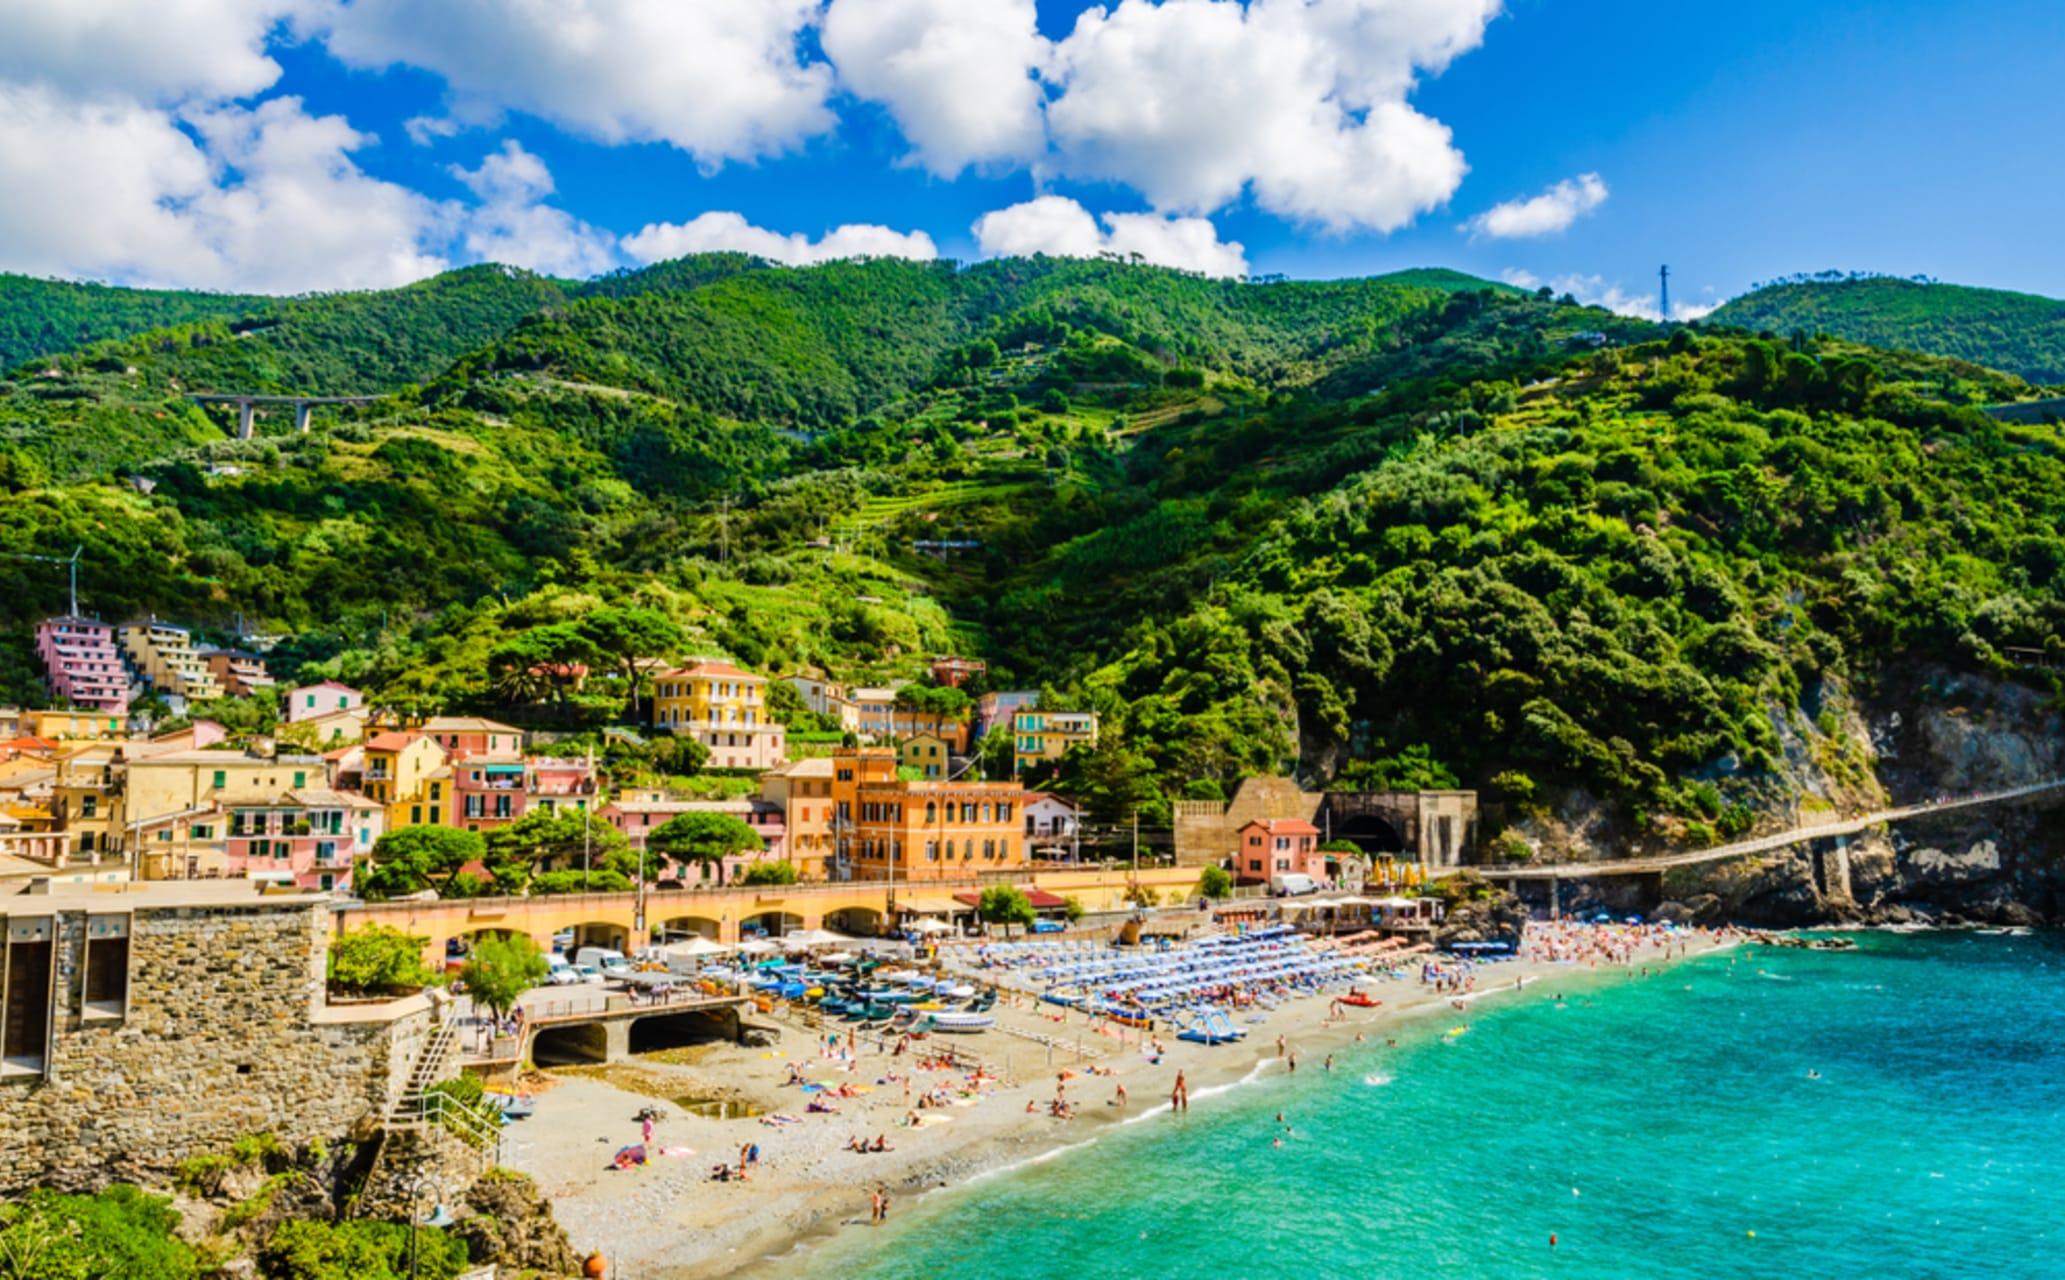 Cinque Terre & Portovenere - Monterosso the Riviera Village of the Cinque Terre